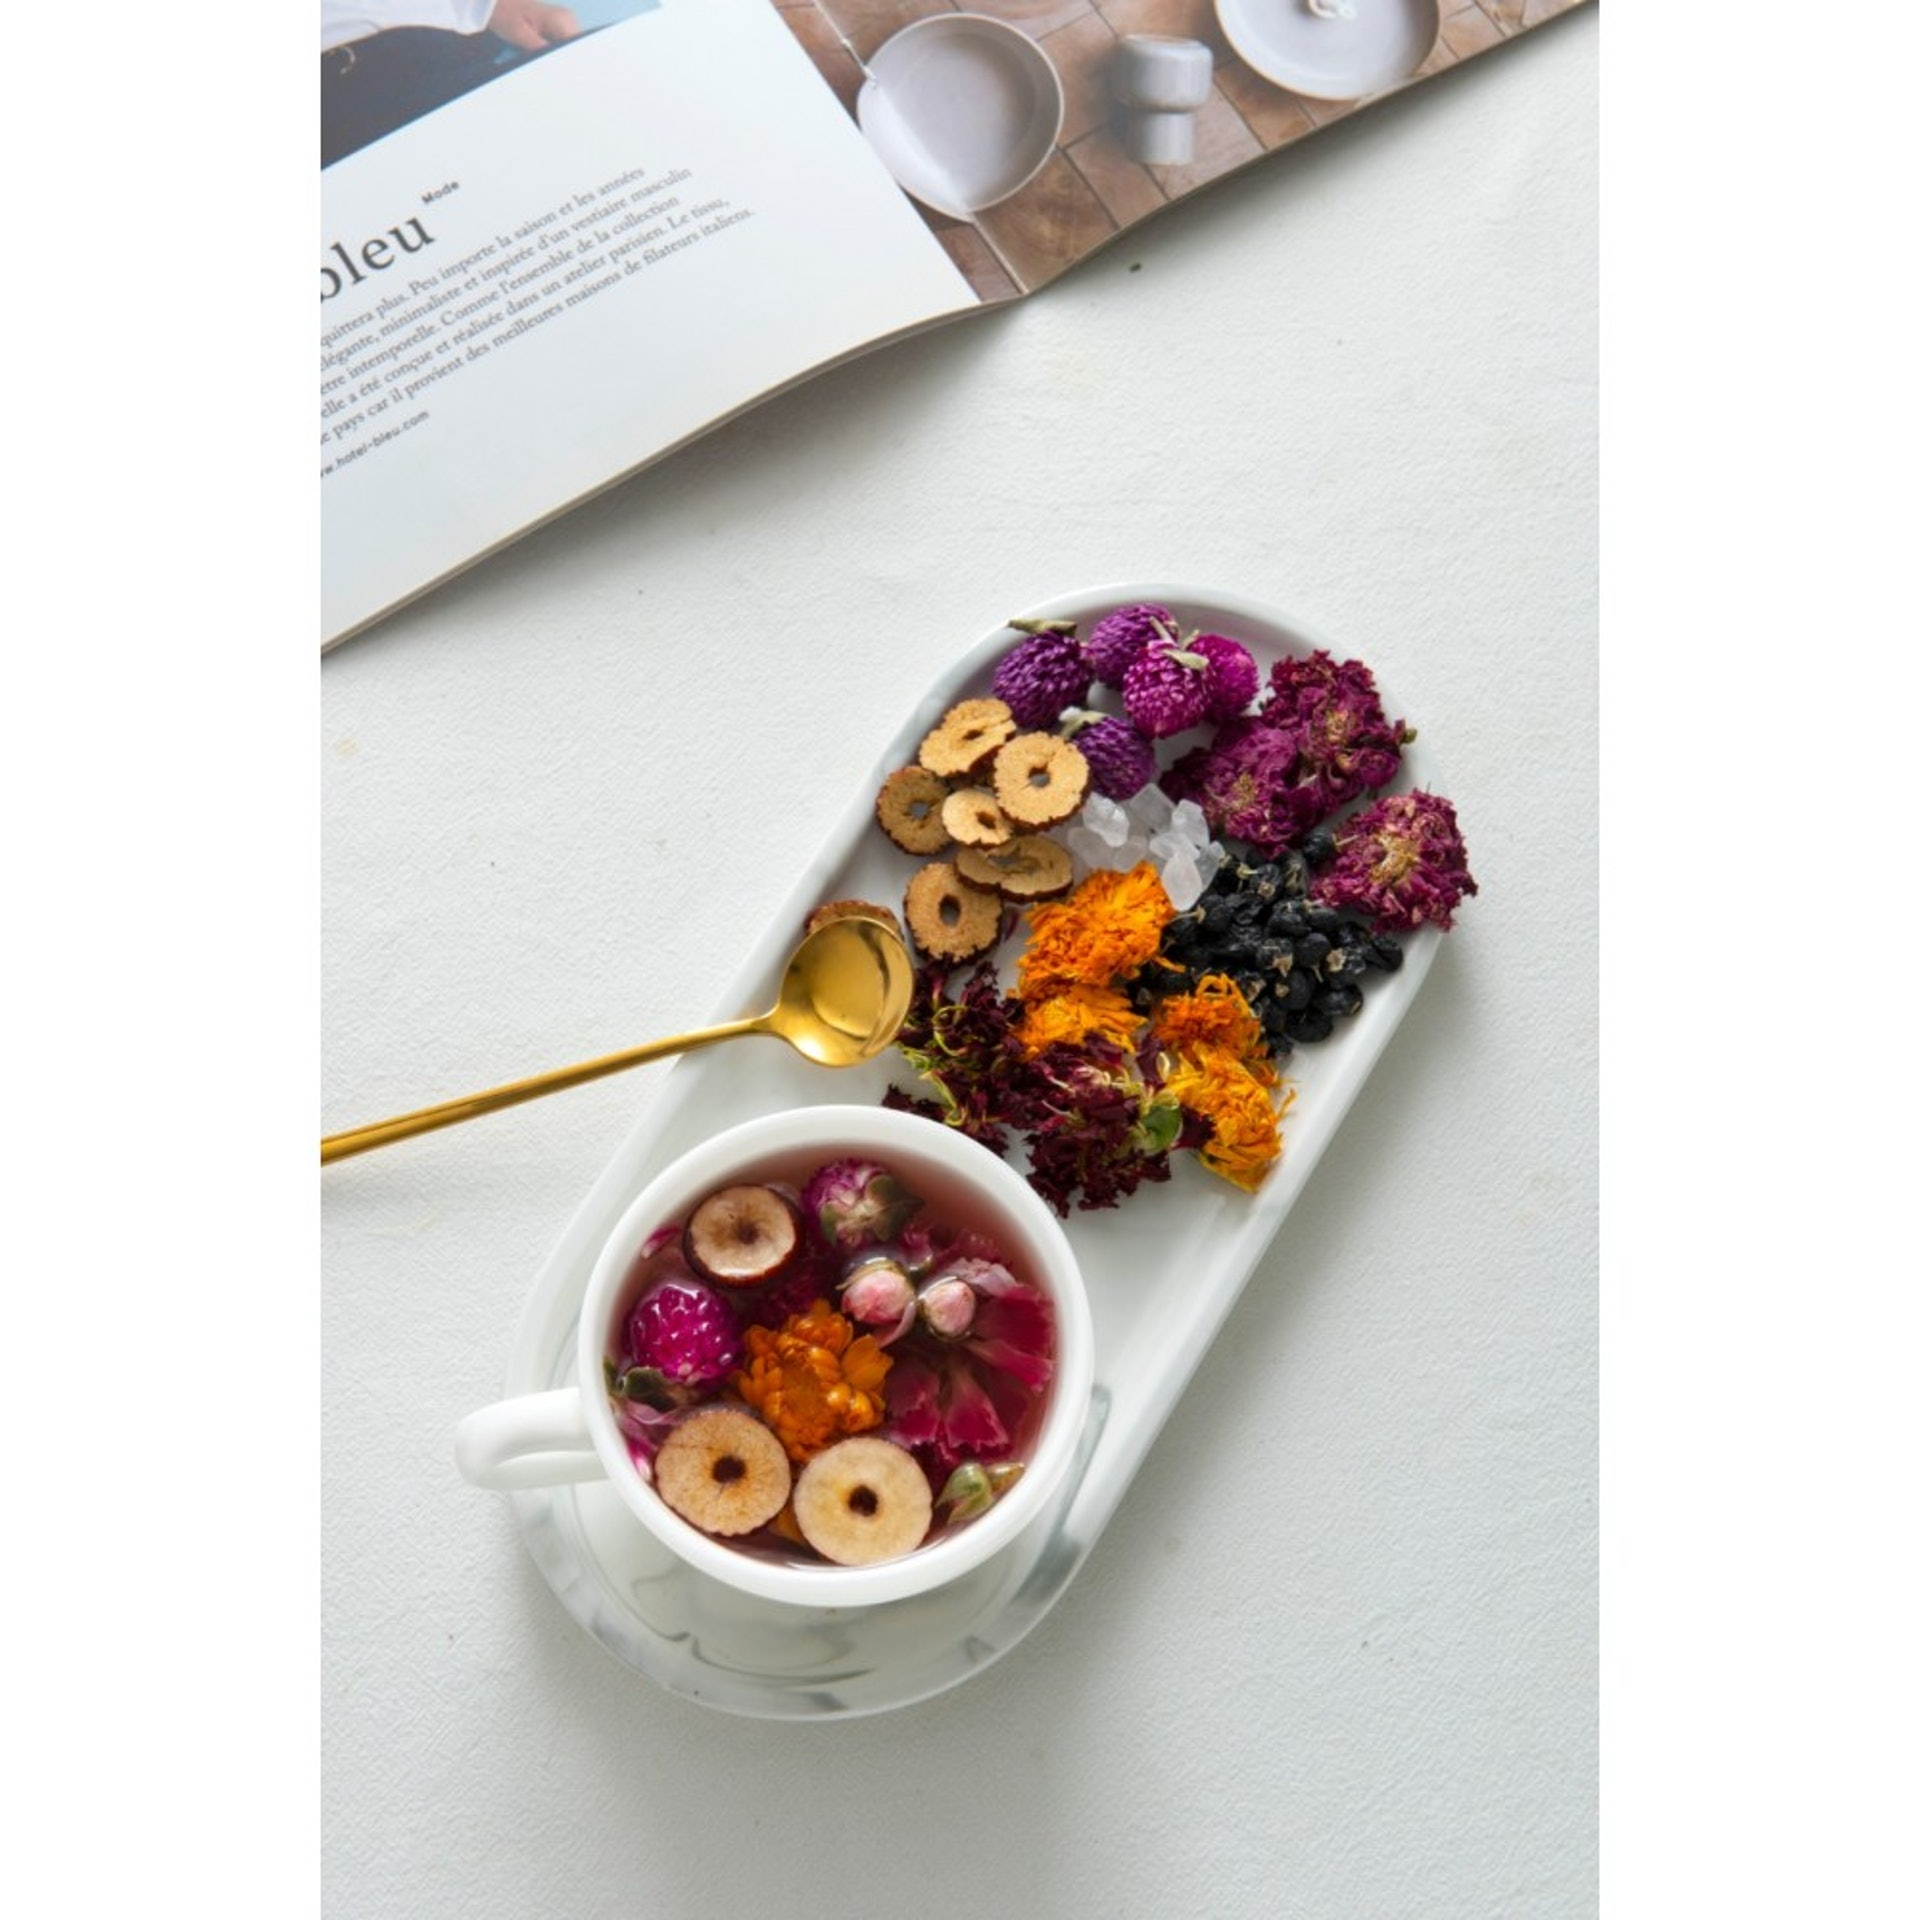 氣血茶材料:桂圓、紅棗、千日紅、康仙花、冰糖、金盞菊、玫瑰、黑枸杞 (好茶養生)